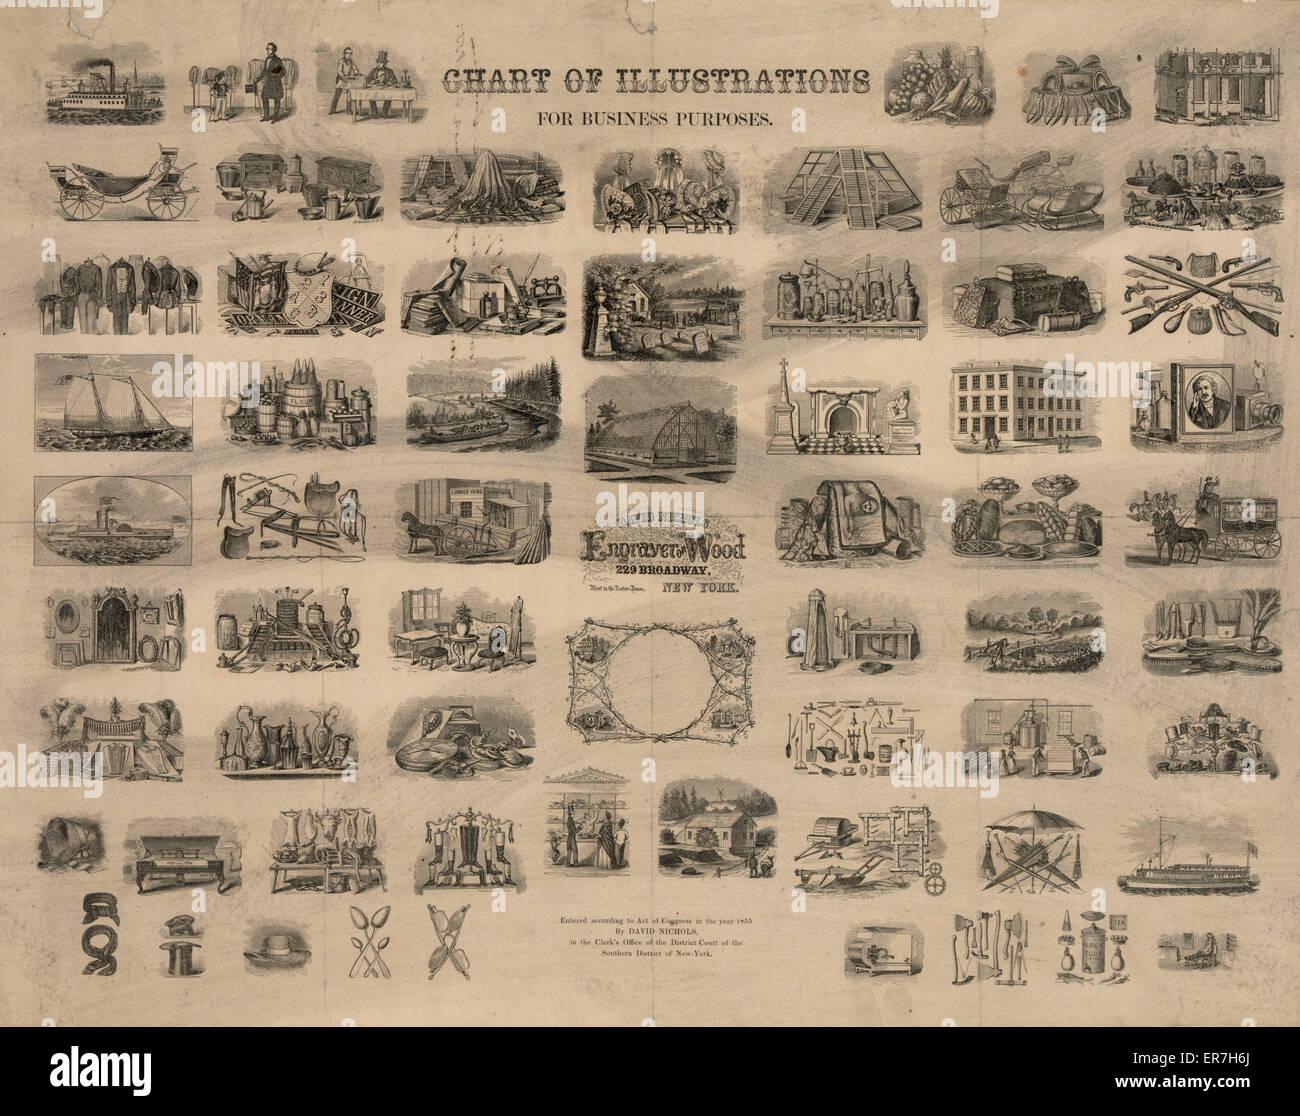 Grafico delle illustrazioni per scopi aziendali. Data c1855. Immagini Stock